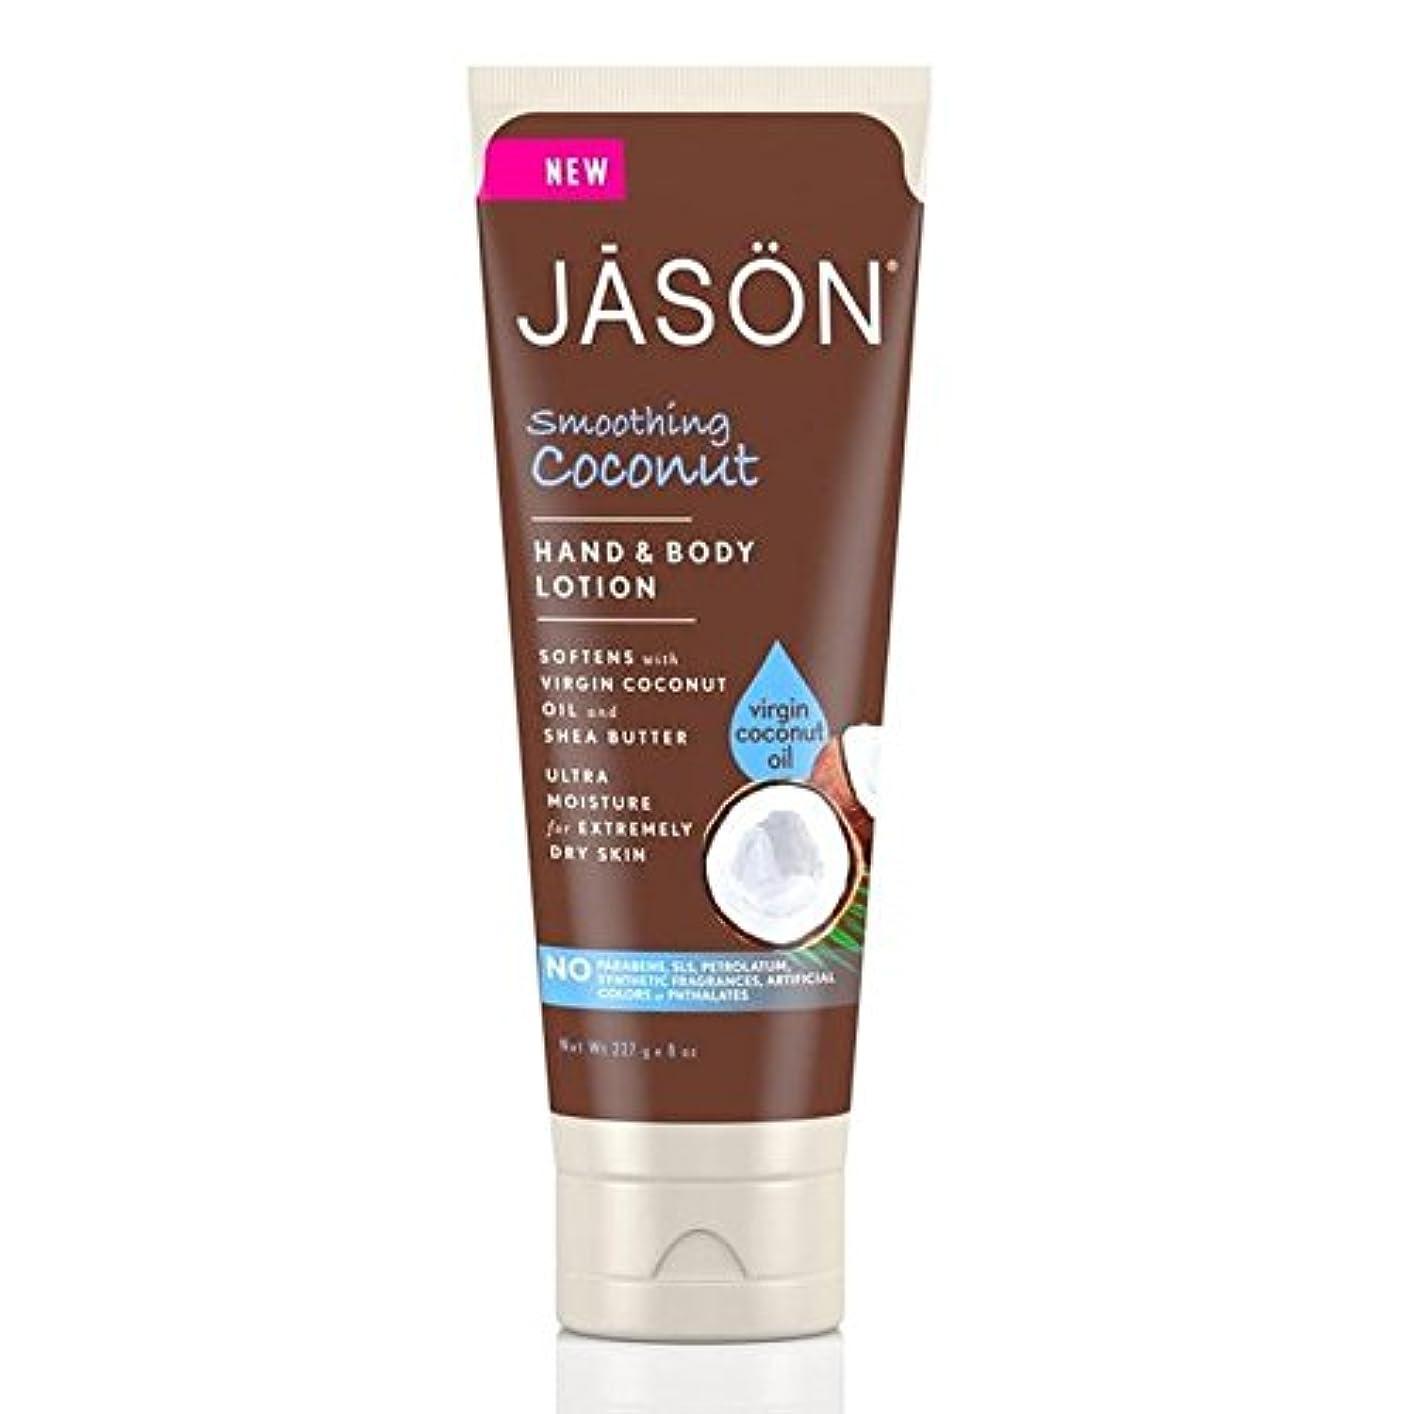 うっかり同行する肌寒いJason Coconut Hand & Body Lotion 227g - ジェイソン?ココナッツハンド&ボディローション227グラム [並行輸入品]